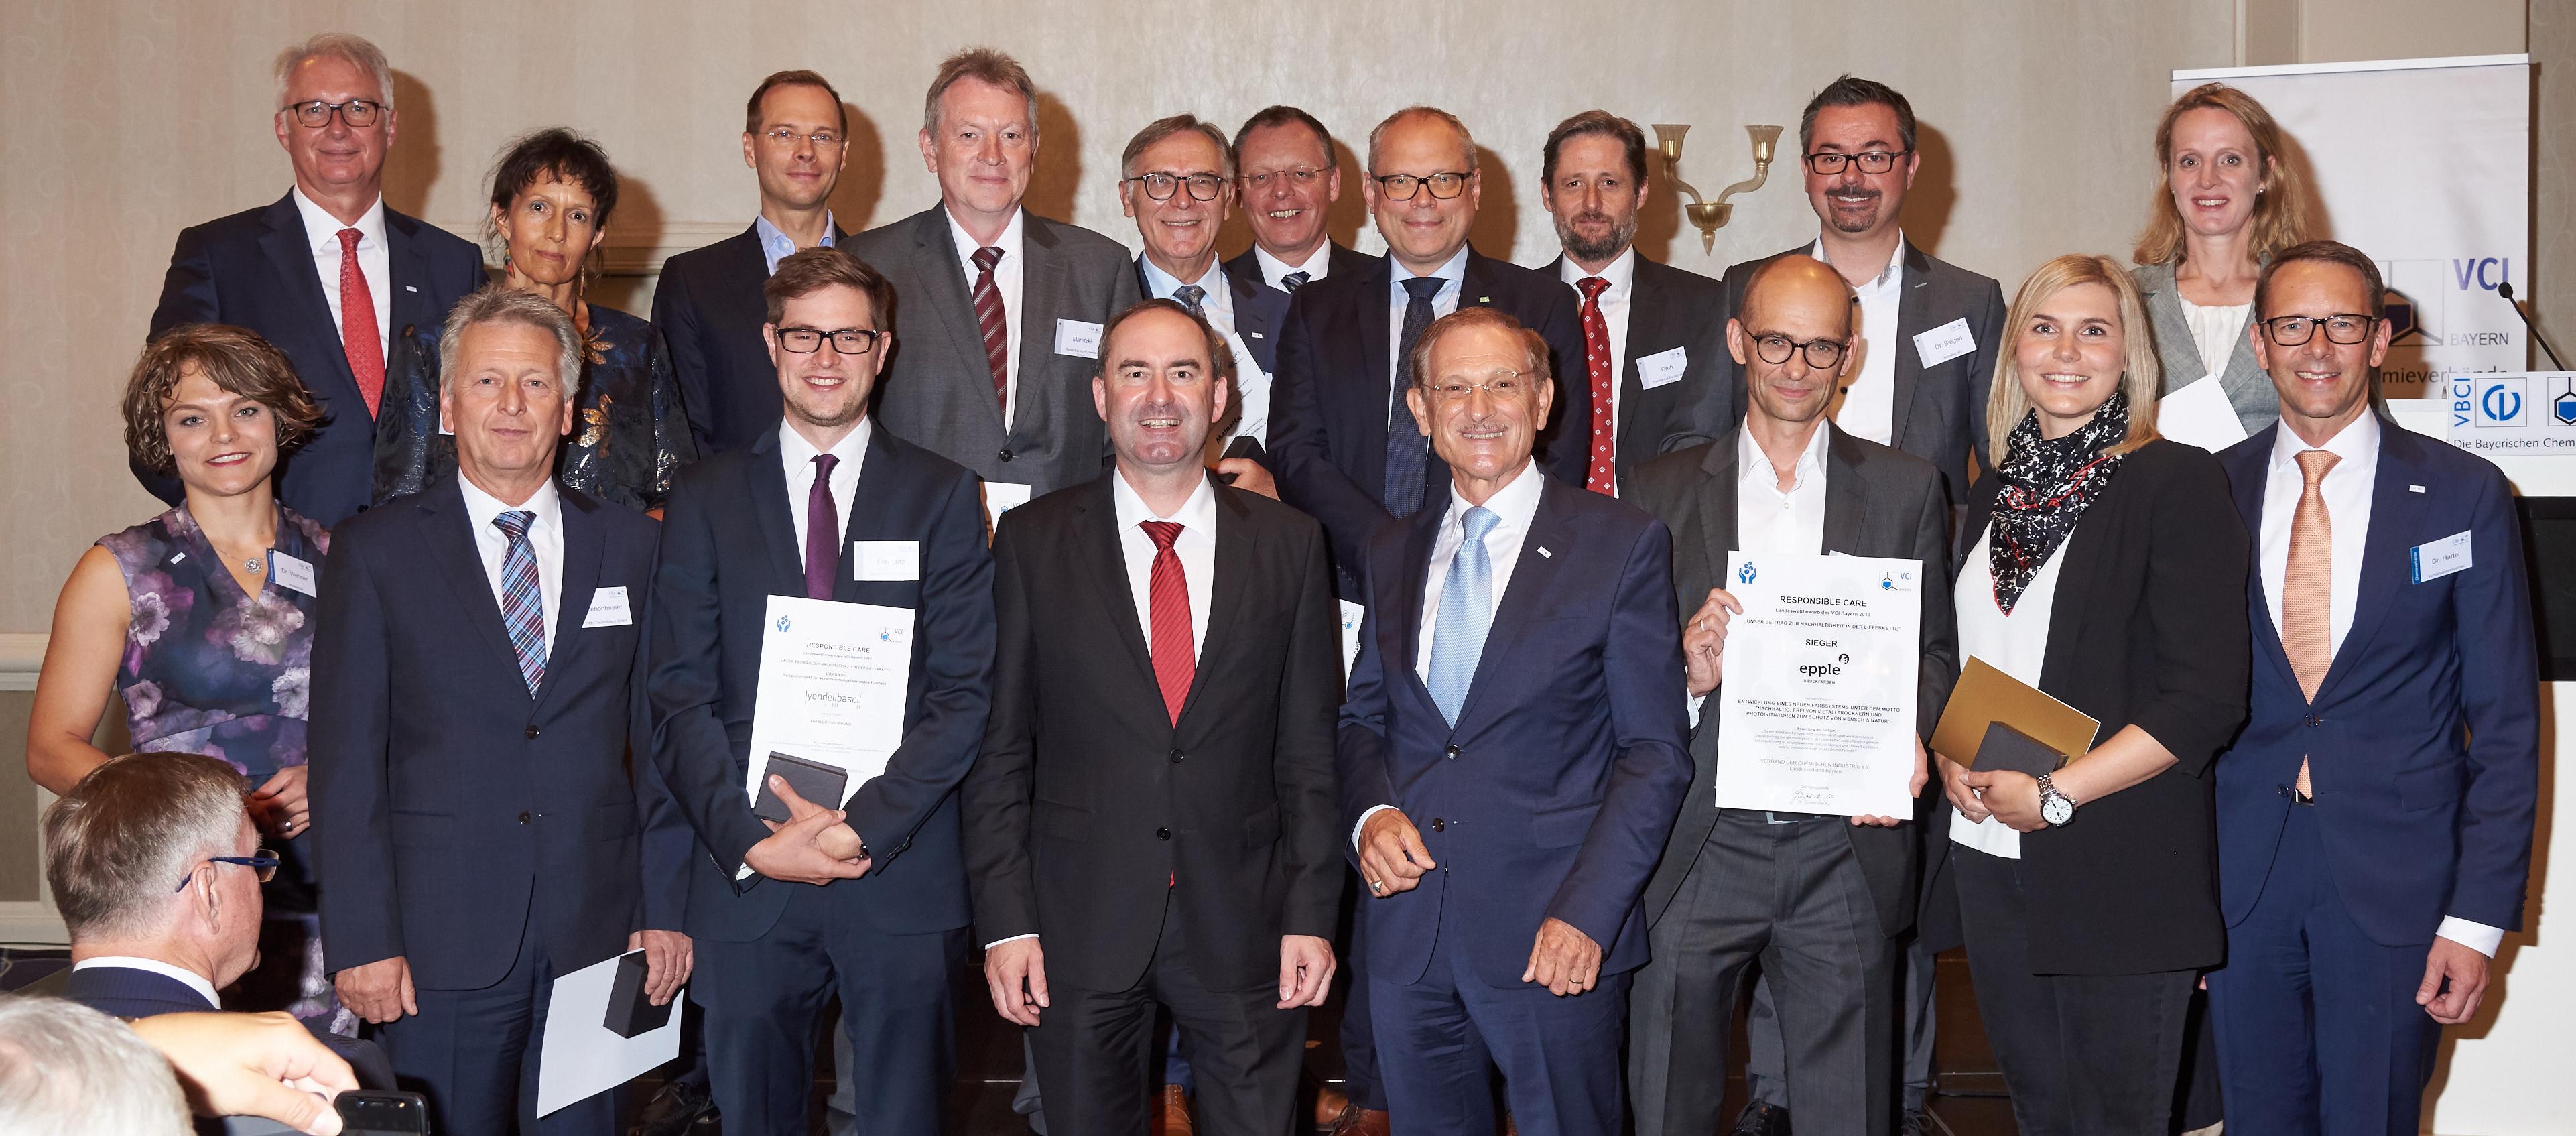 Siegerehrung des Responsible-Care Wettbewerbs 2019 Bayern am 12.07.2019